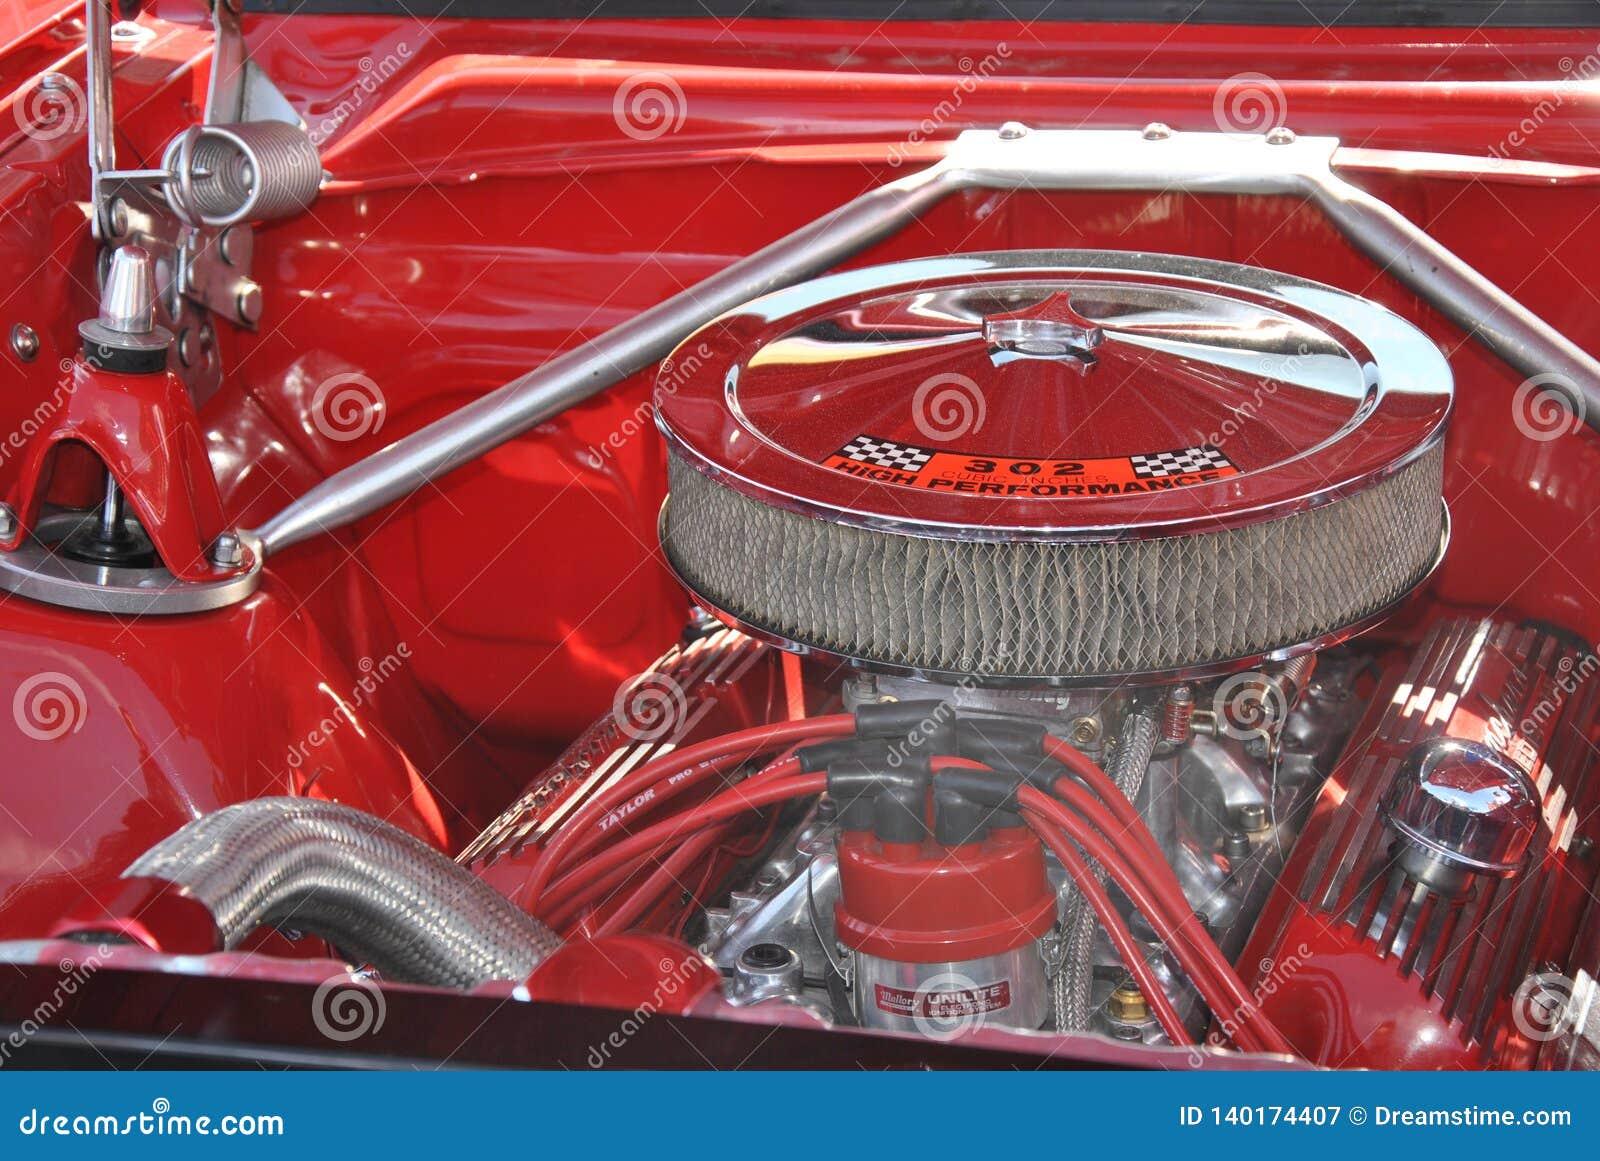 老红色卡车发光的被镀铬的引擎